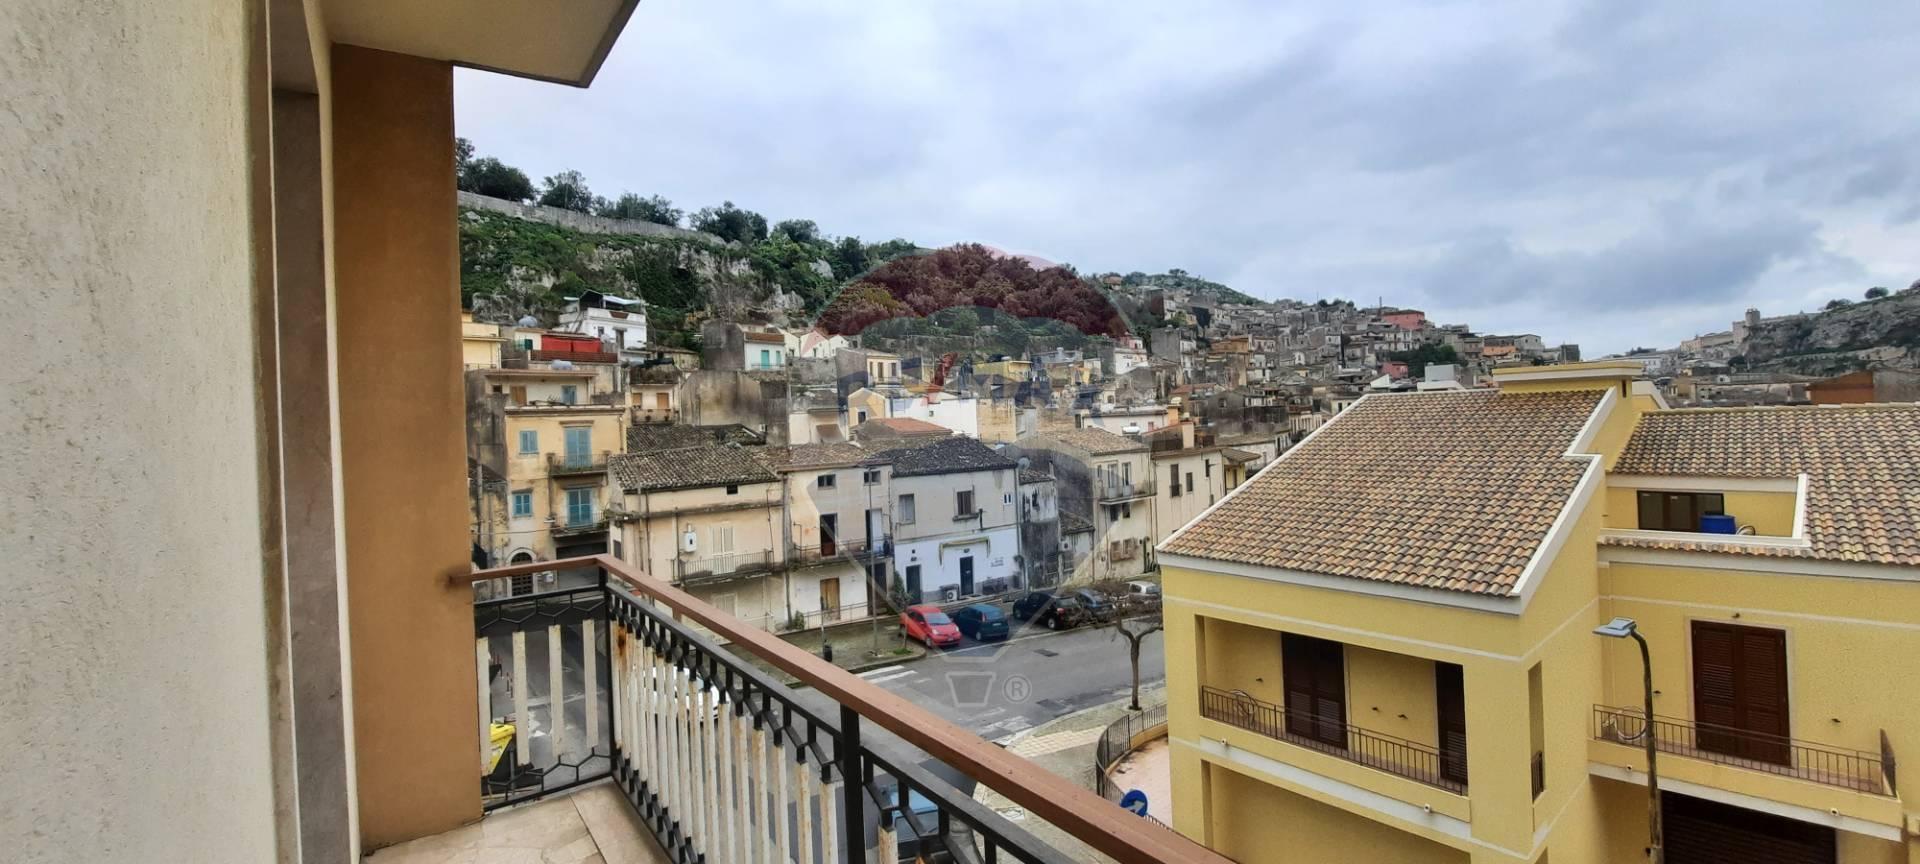 Appartamento in vendita a Modica, 5 locali, zona Località: ModicaBassa, prezzo € 80.000   CambioCasa.it